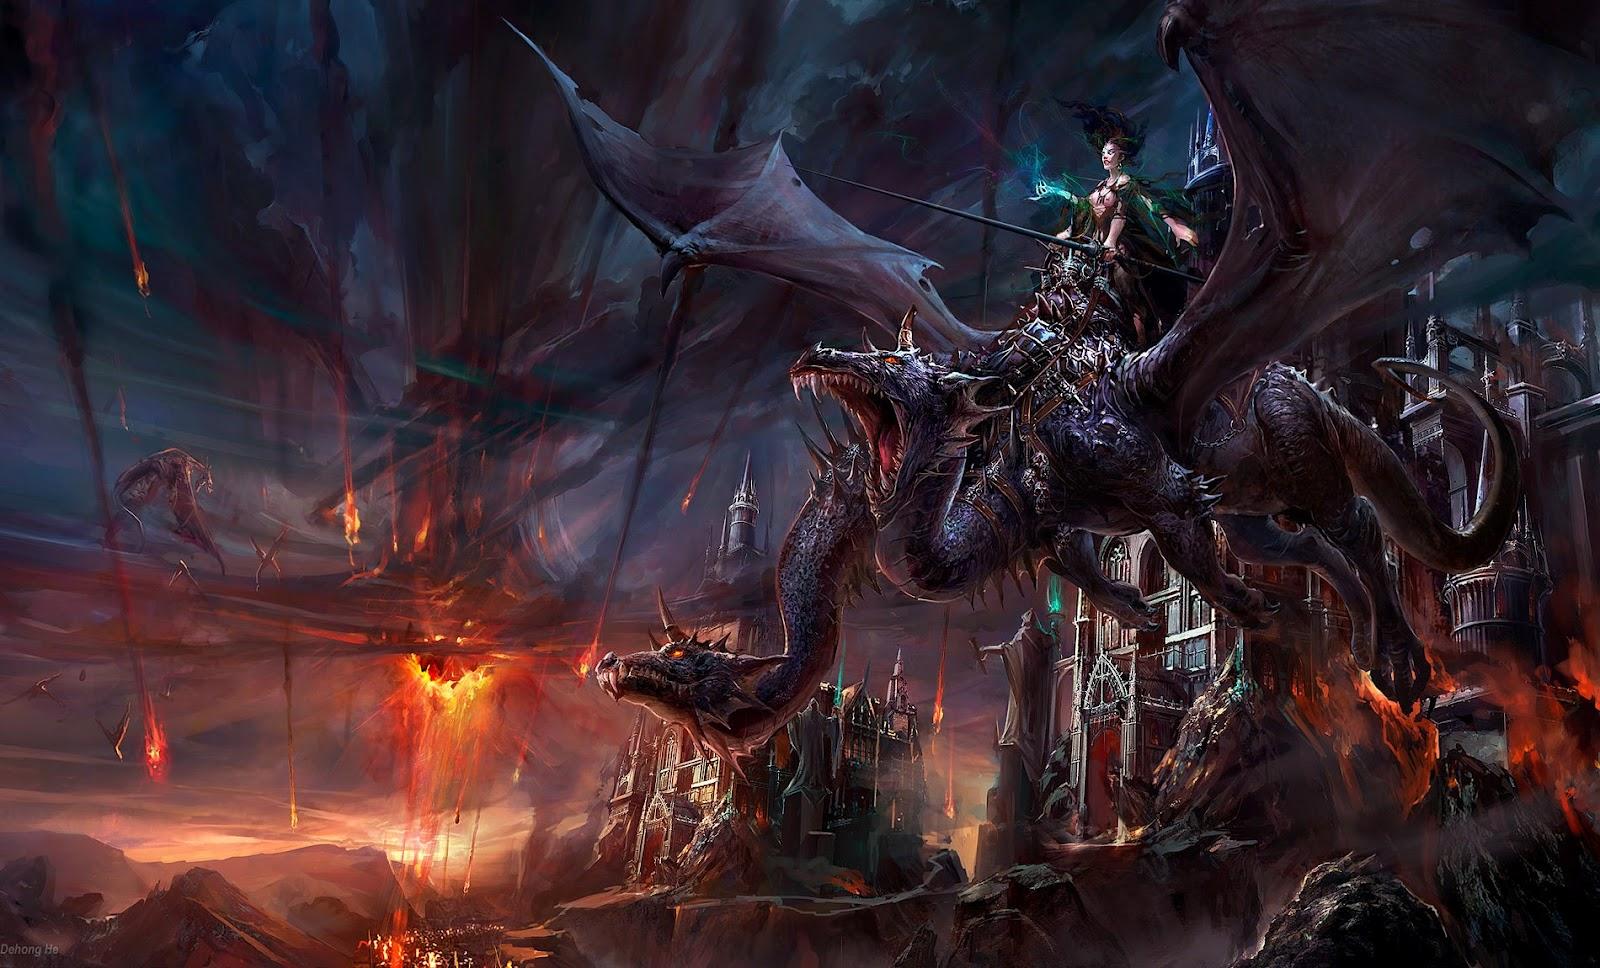 http://3.bp.blogspot.com/--LVm6mSl_TU/T3vCATKQ-HI/AAAAAAAACqk/1D43R25mpWY/s1600/Monster+Horror+Wallpapers+2.jpg